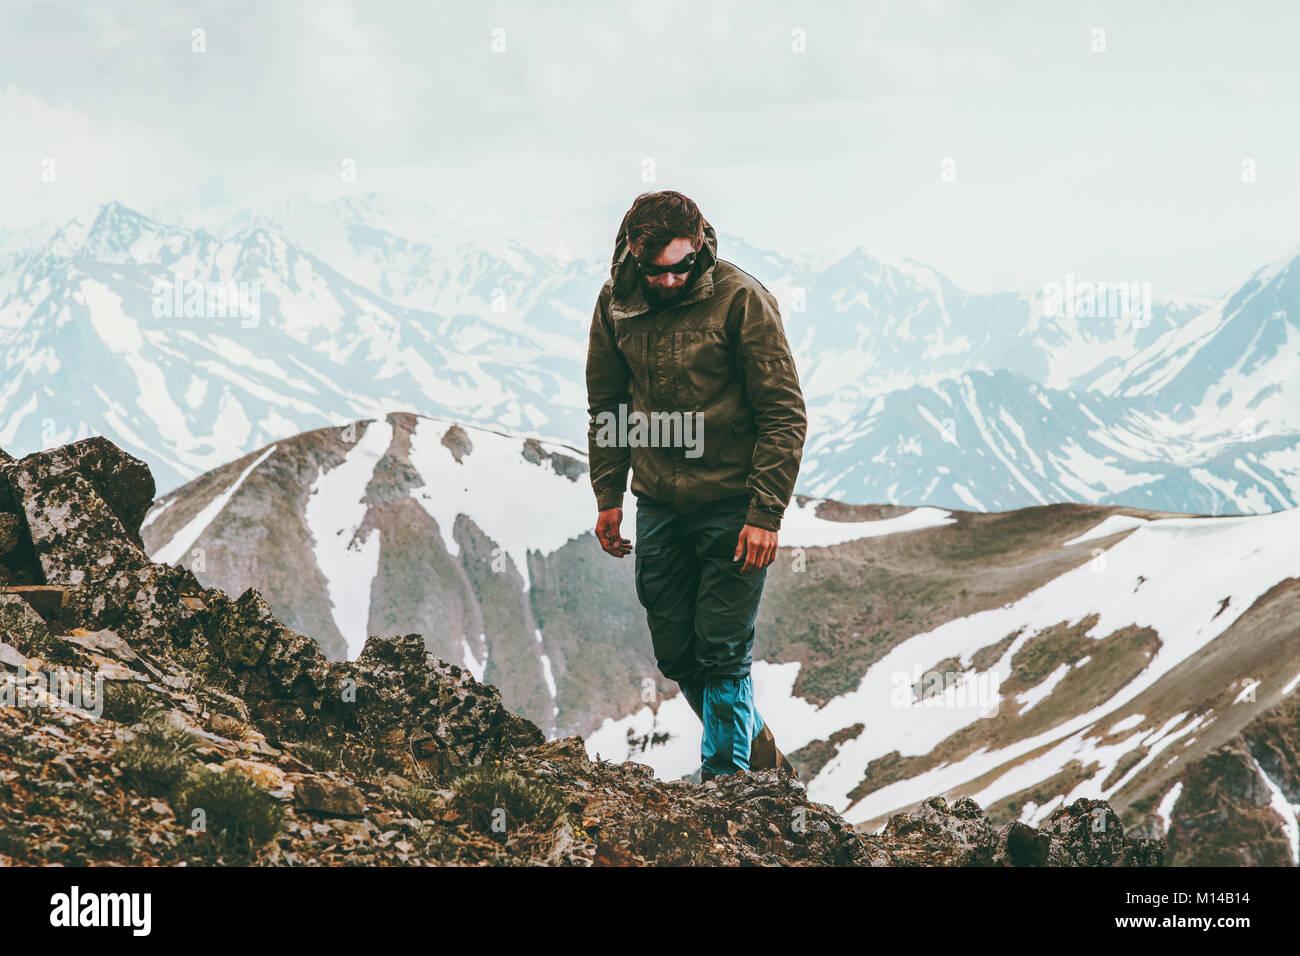 Las montañas Senderismo Hombre Viajes Aventura concepto de estilo de vida al aire libre Deporte Trekking vacaciones Imagen De Stock